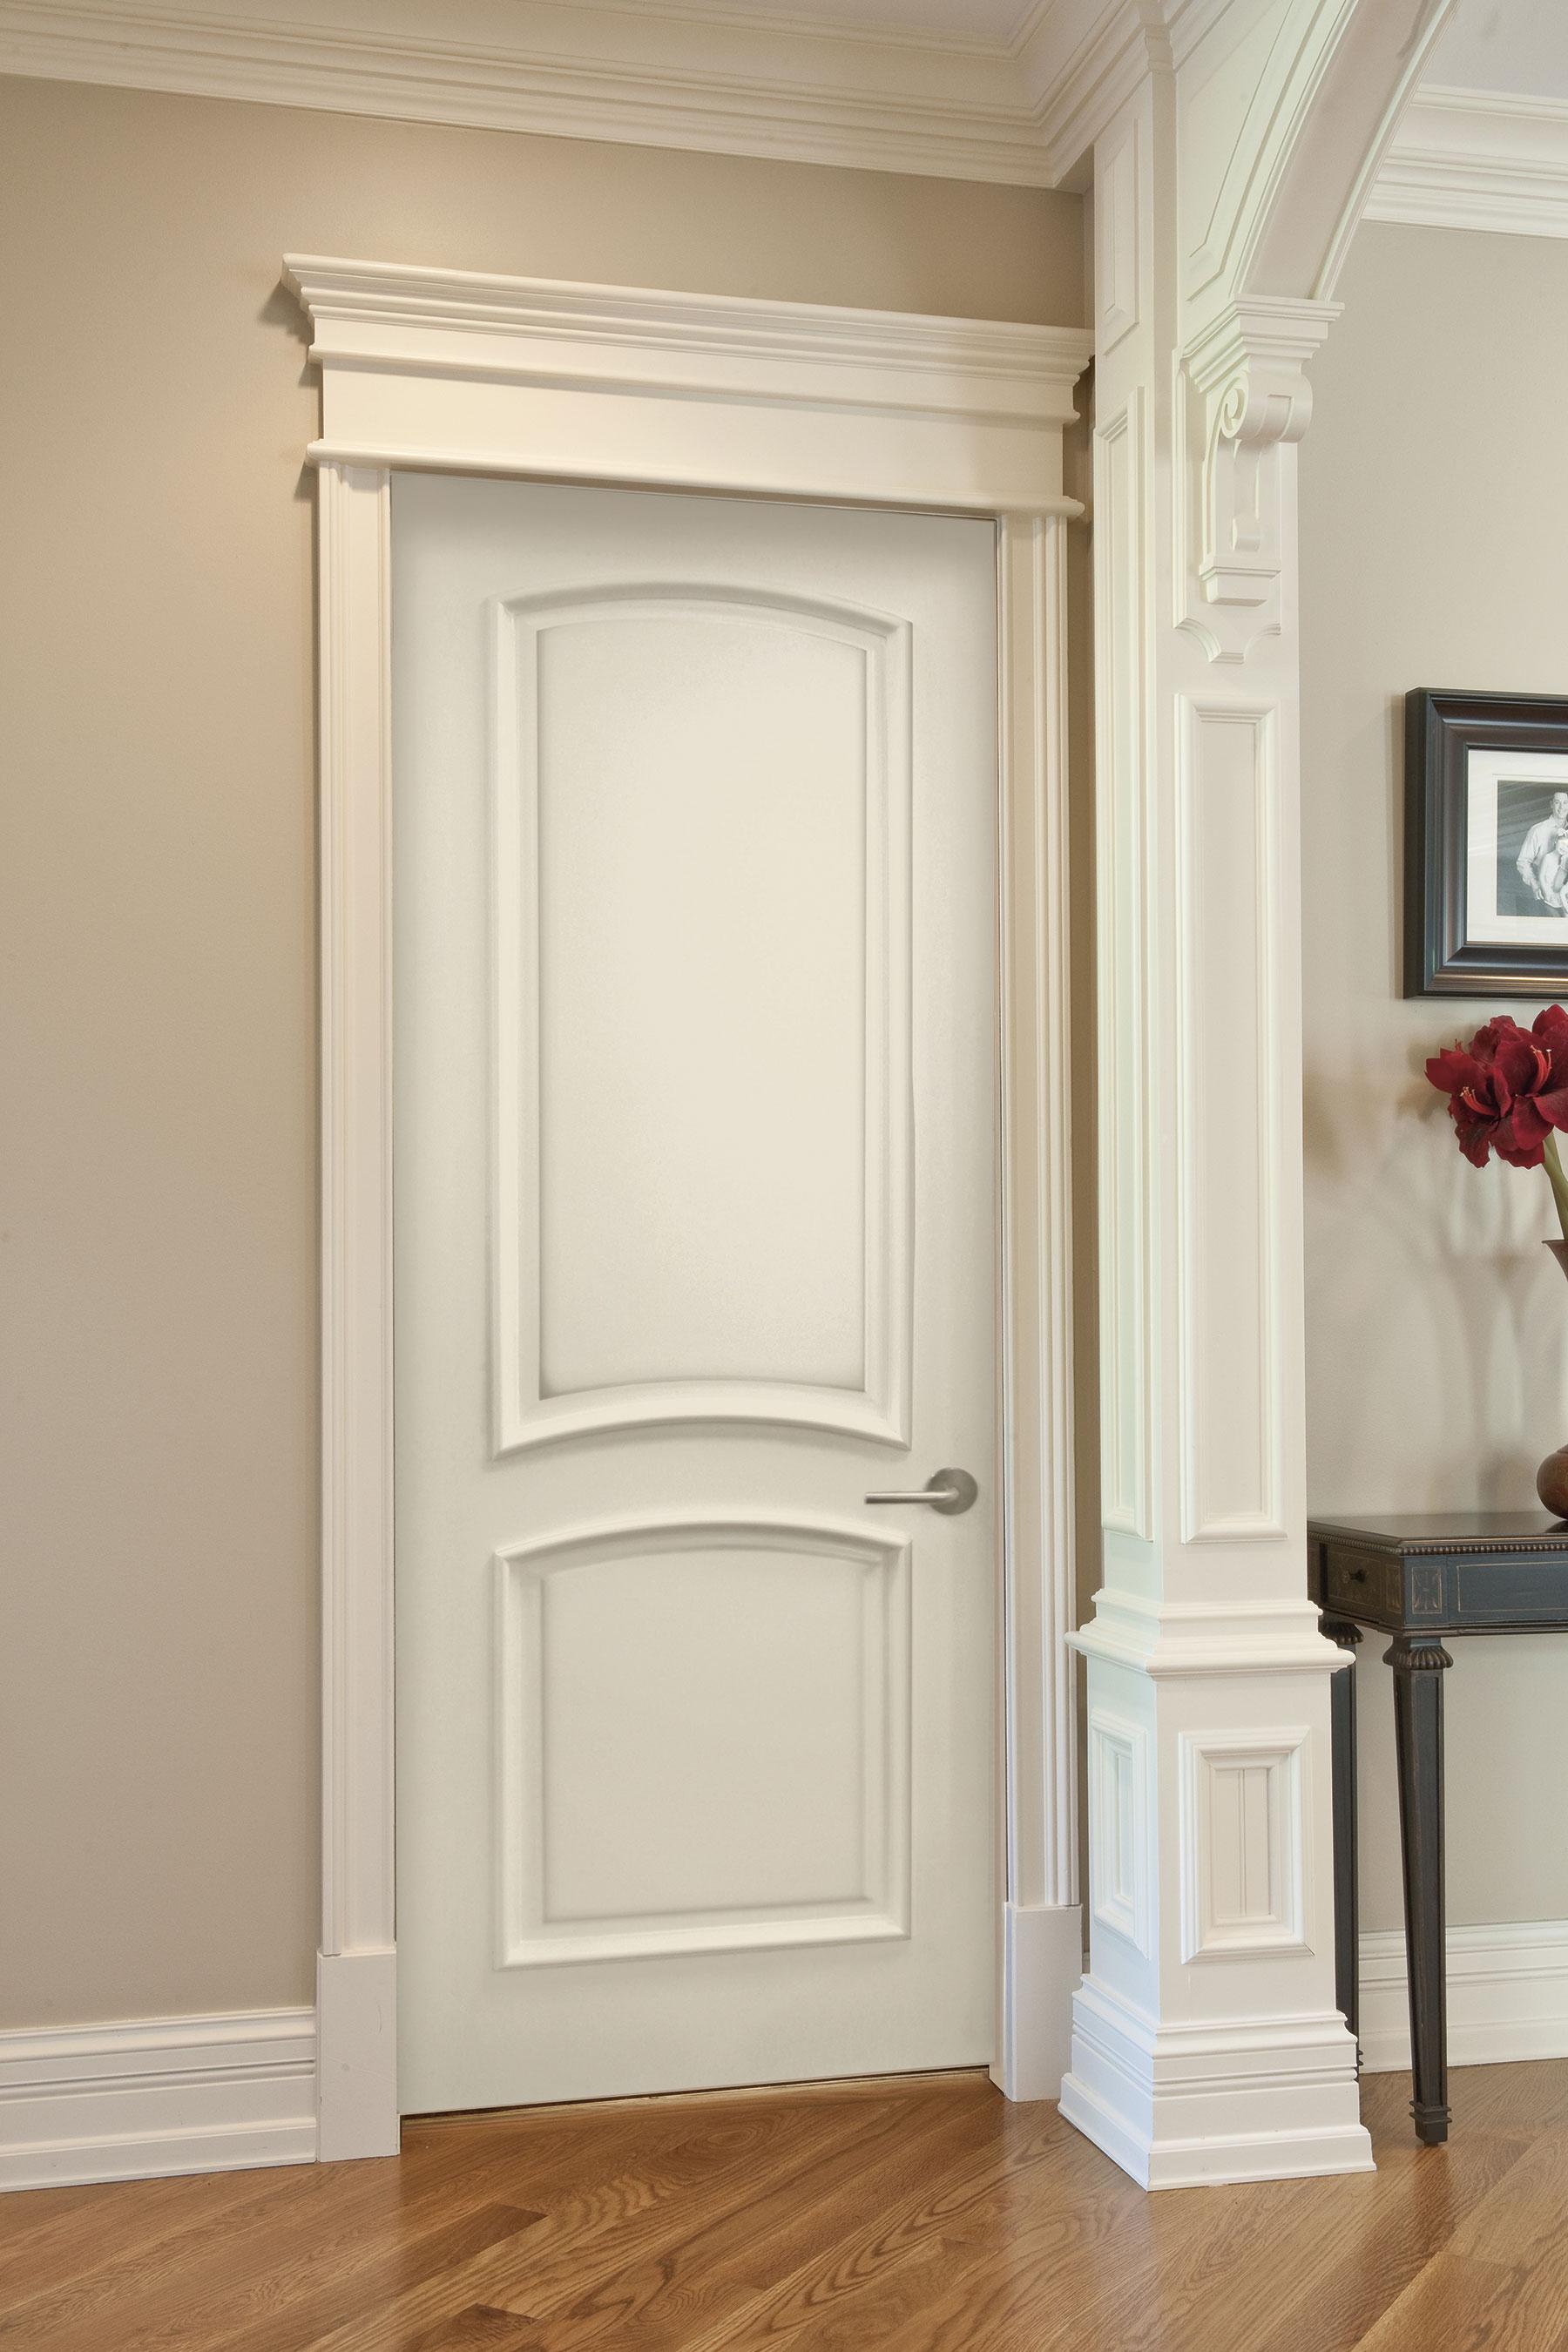 Custom Wood Interior Doors | Custom Paint-Grade MDF Interior Powder Room Door   - Glenview Doors - Custom Doors in Chicago